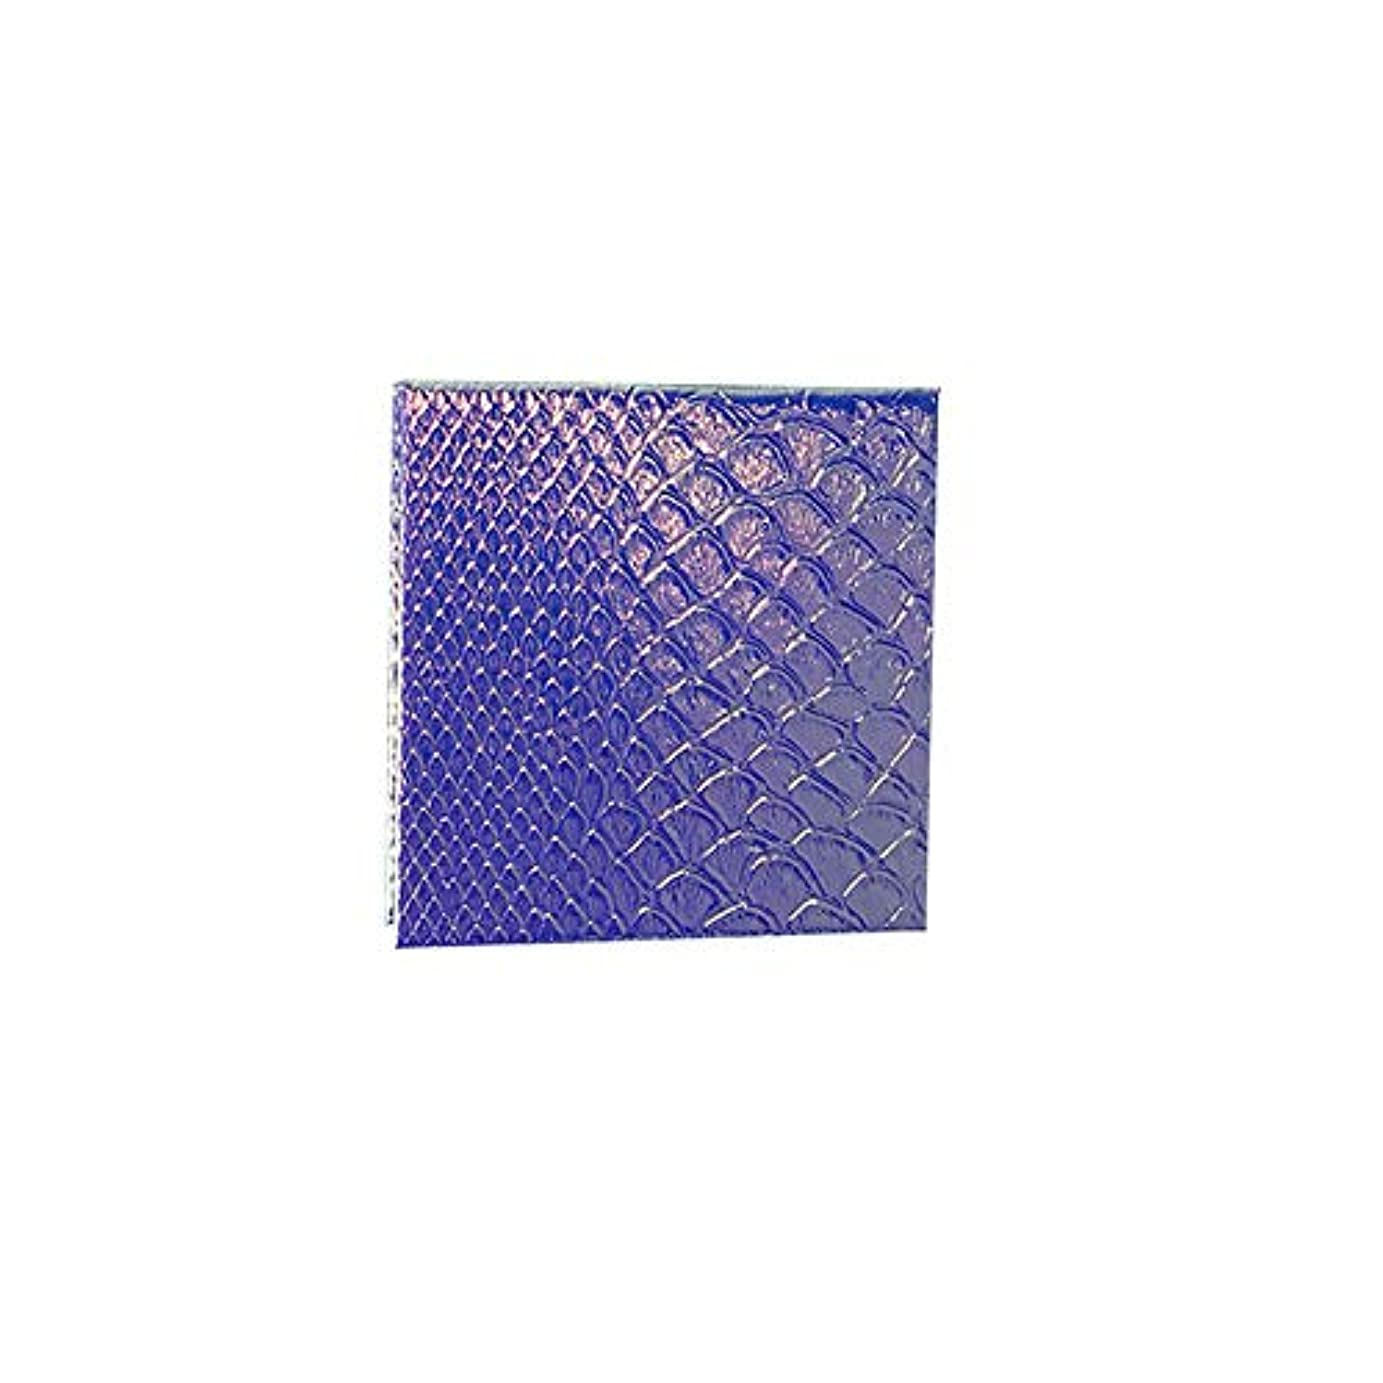 全体どうやら公平な空の化粧アイシャドーパレット磁気空パレット接着剤空のパレット金属ステッカー空のパレットキット(S)